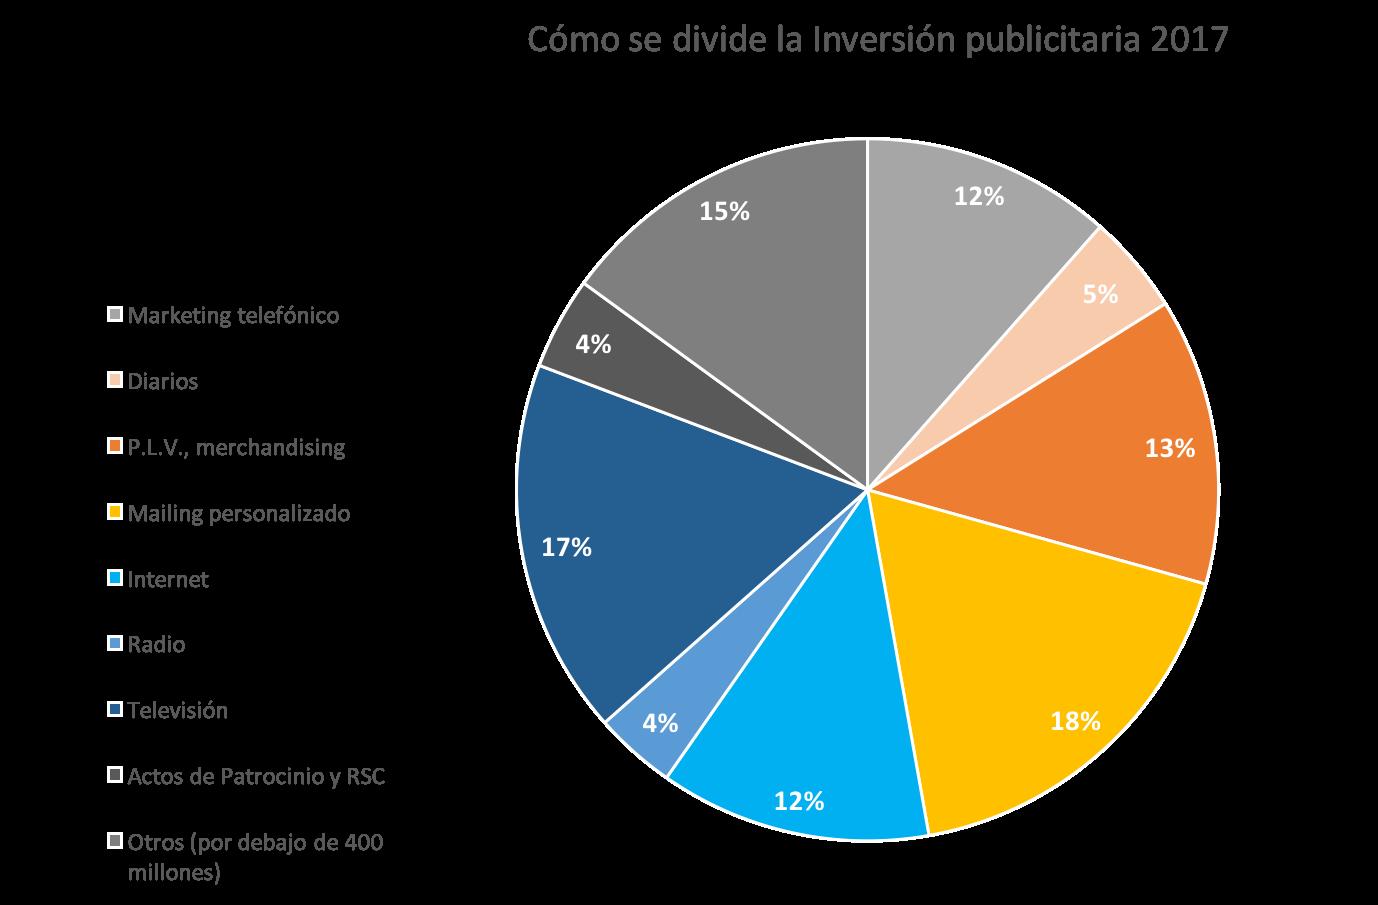 Cómo se divide la Inversión publicitaria